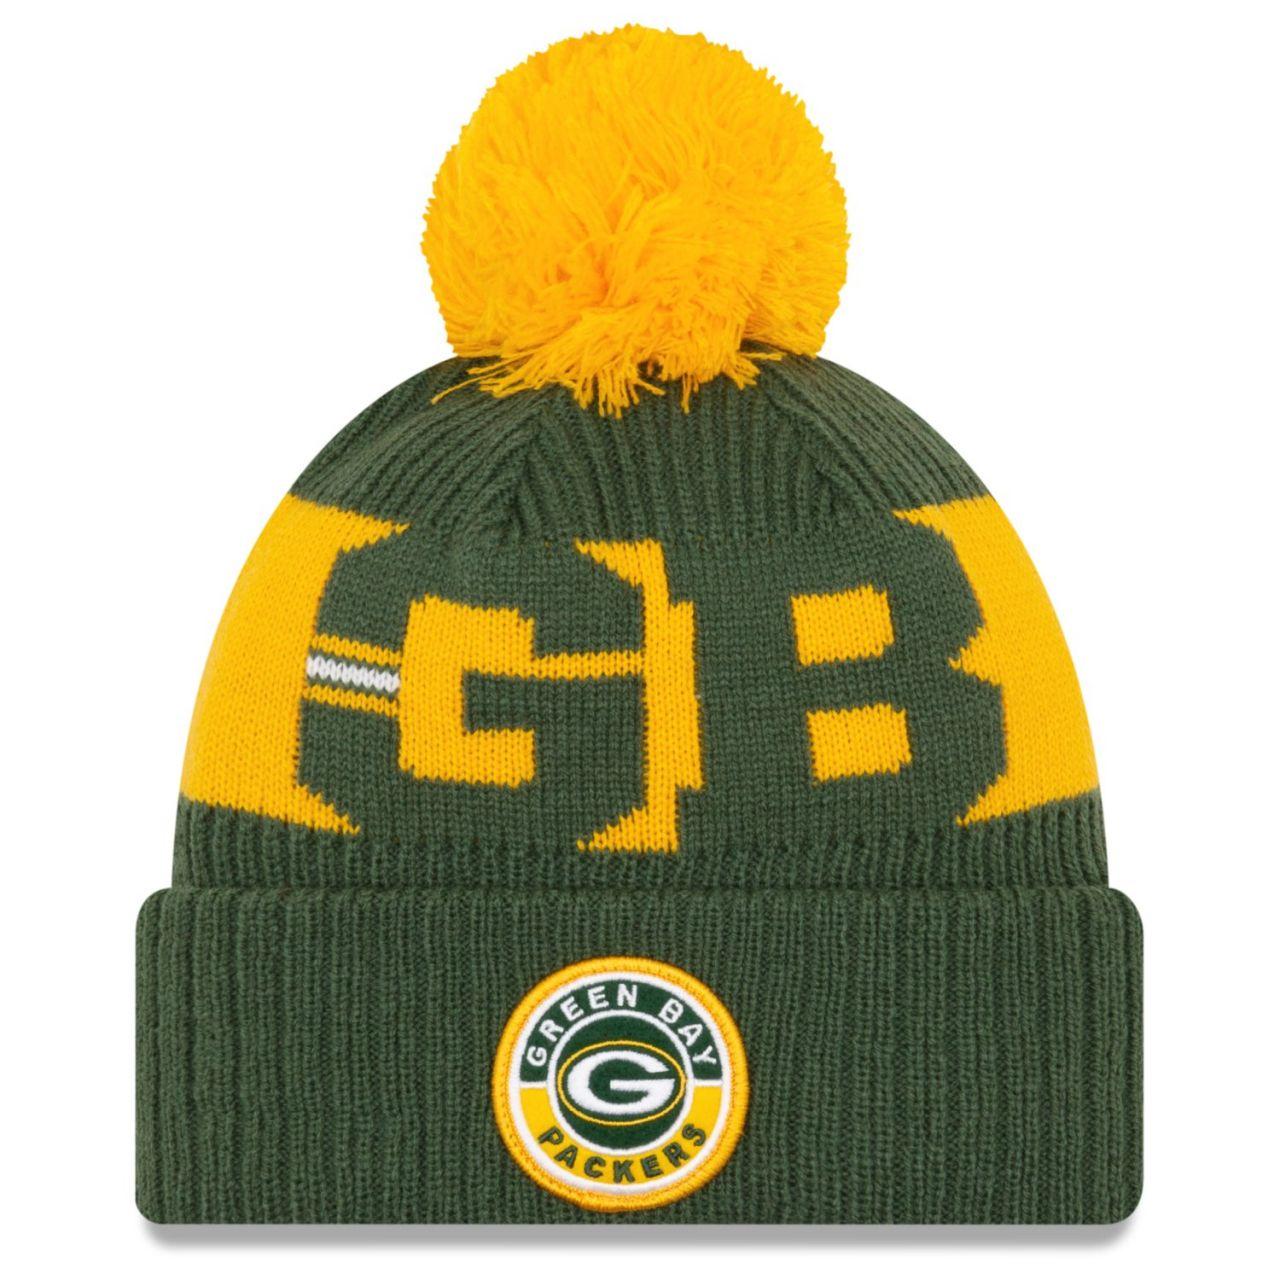 amfoo - New Era NFL ON-FIELD Sideline Mütze - Green Bay Packers